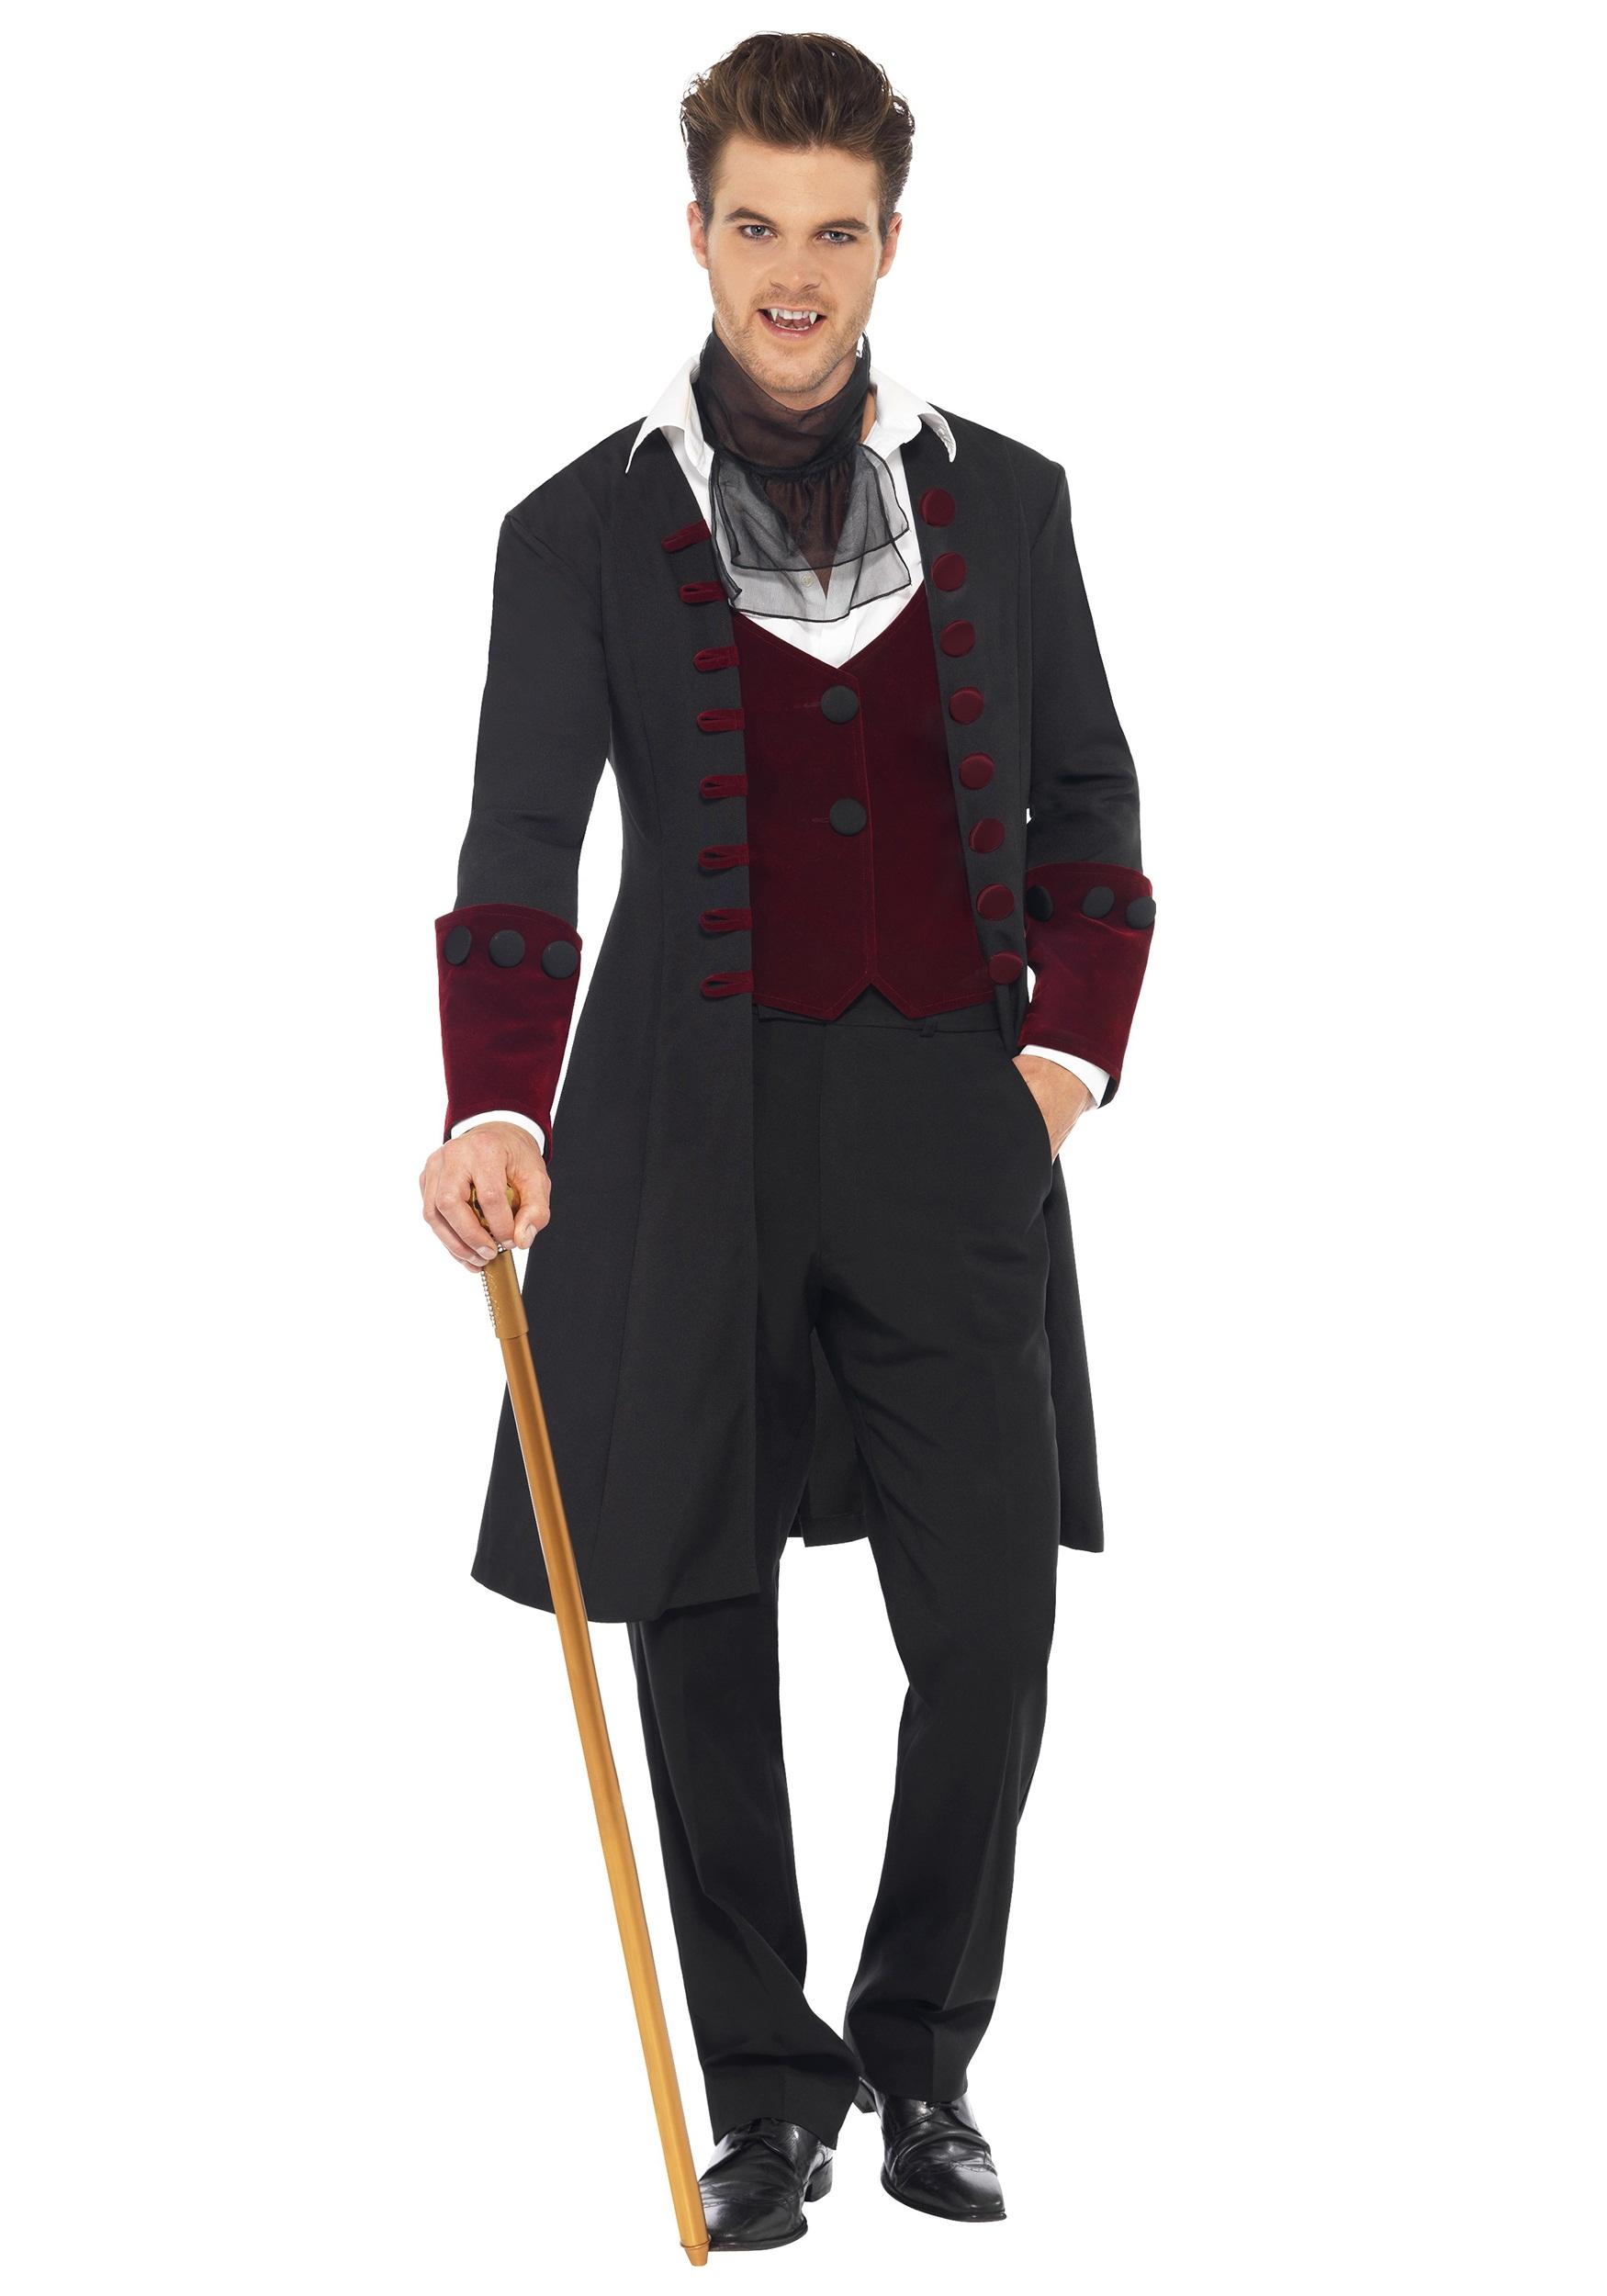 Sexy Male Vampire Costume : vampire, costume, Adult, Gothic, Vampire, Costume